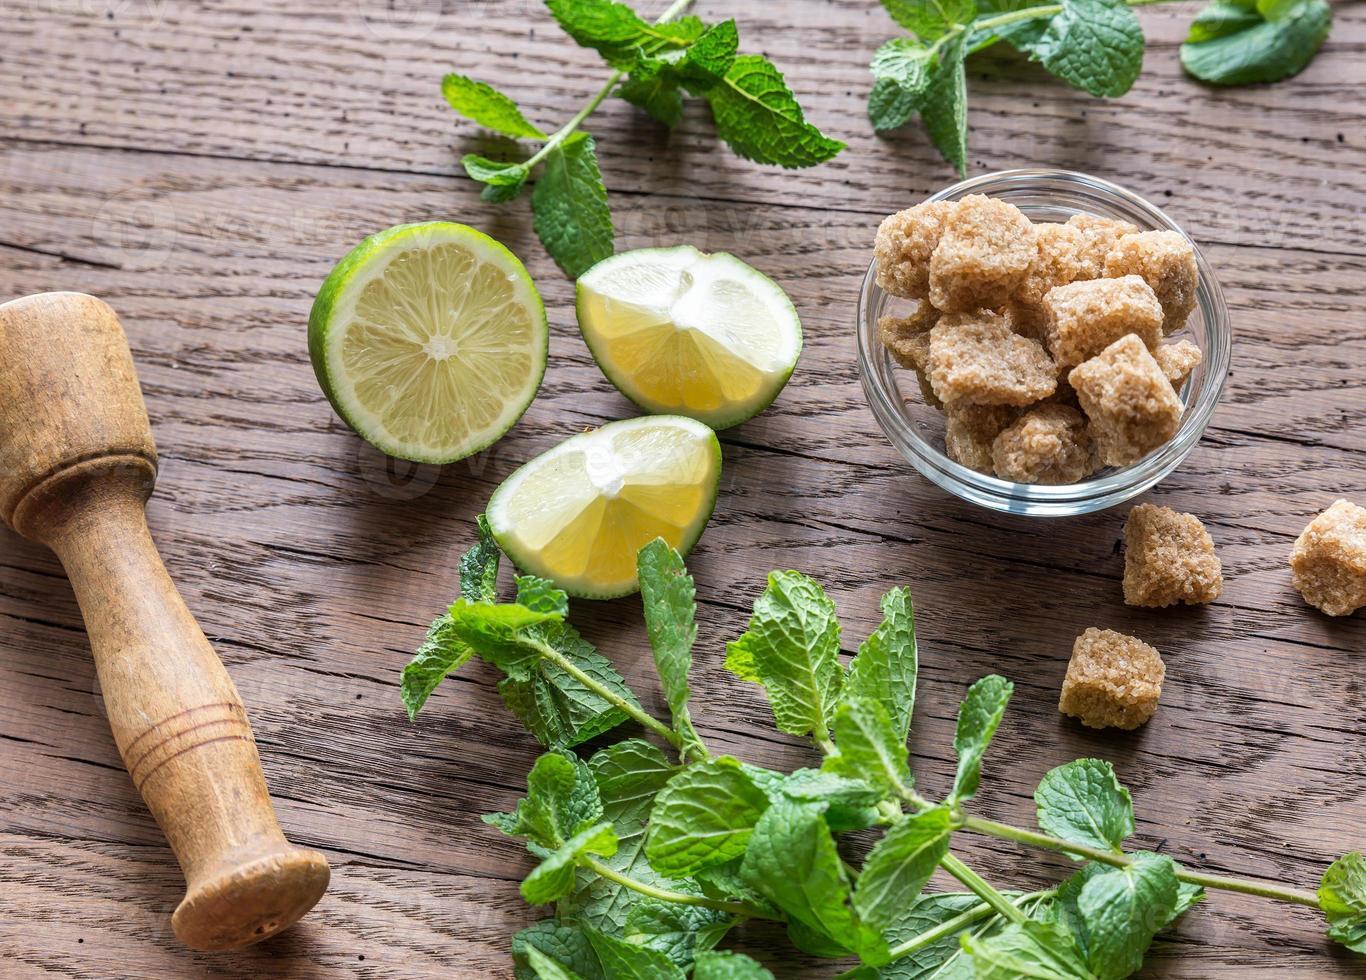 ingredienti per mojito sullo sfondo in legno foto